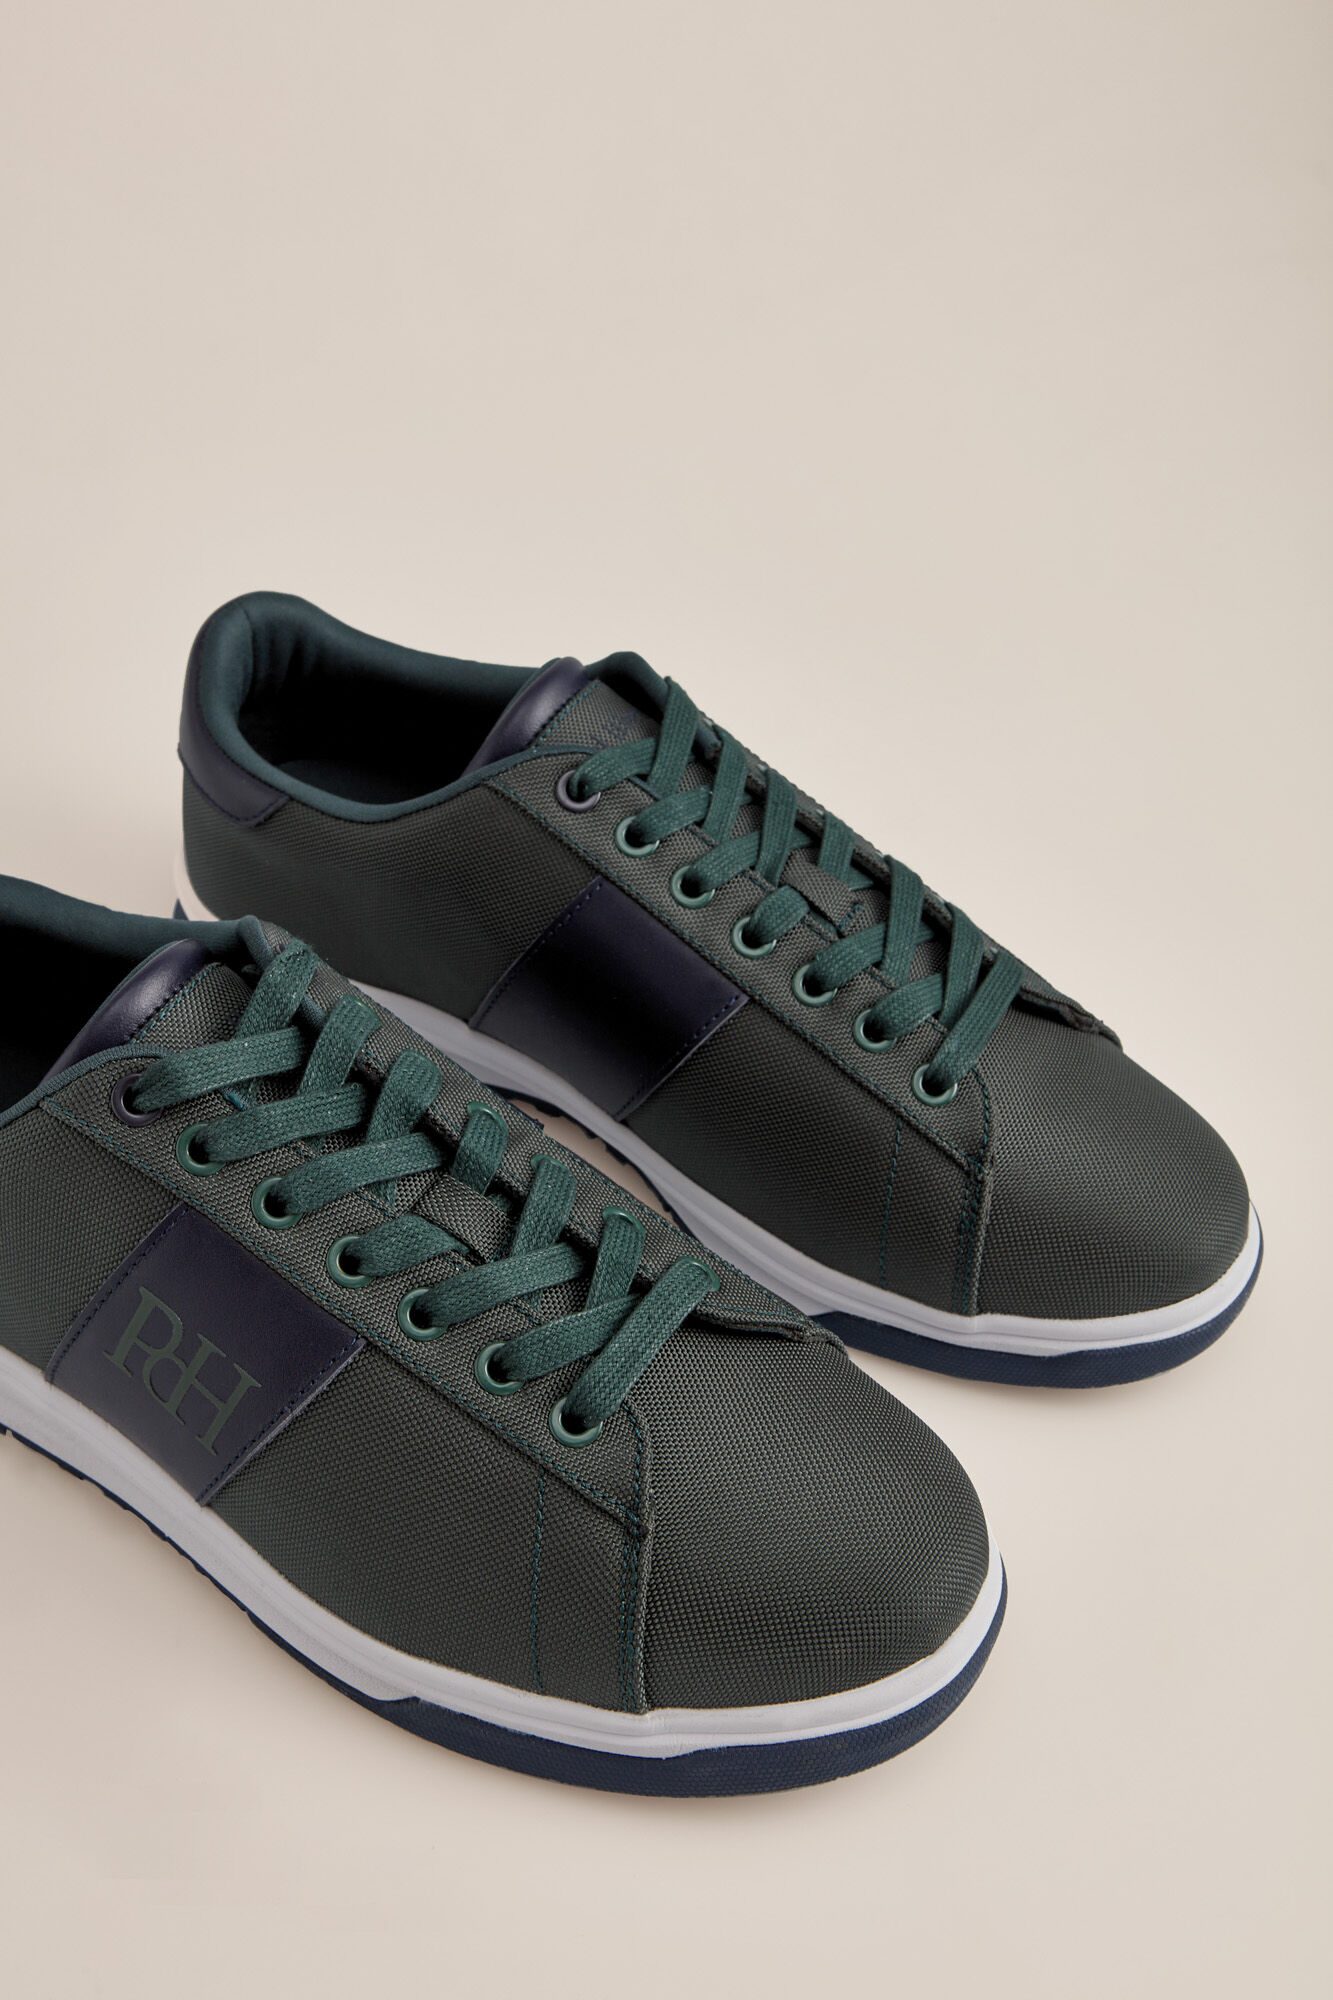 Bolsas de deporte negros adidas | Compra online en eBay